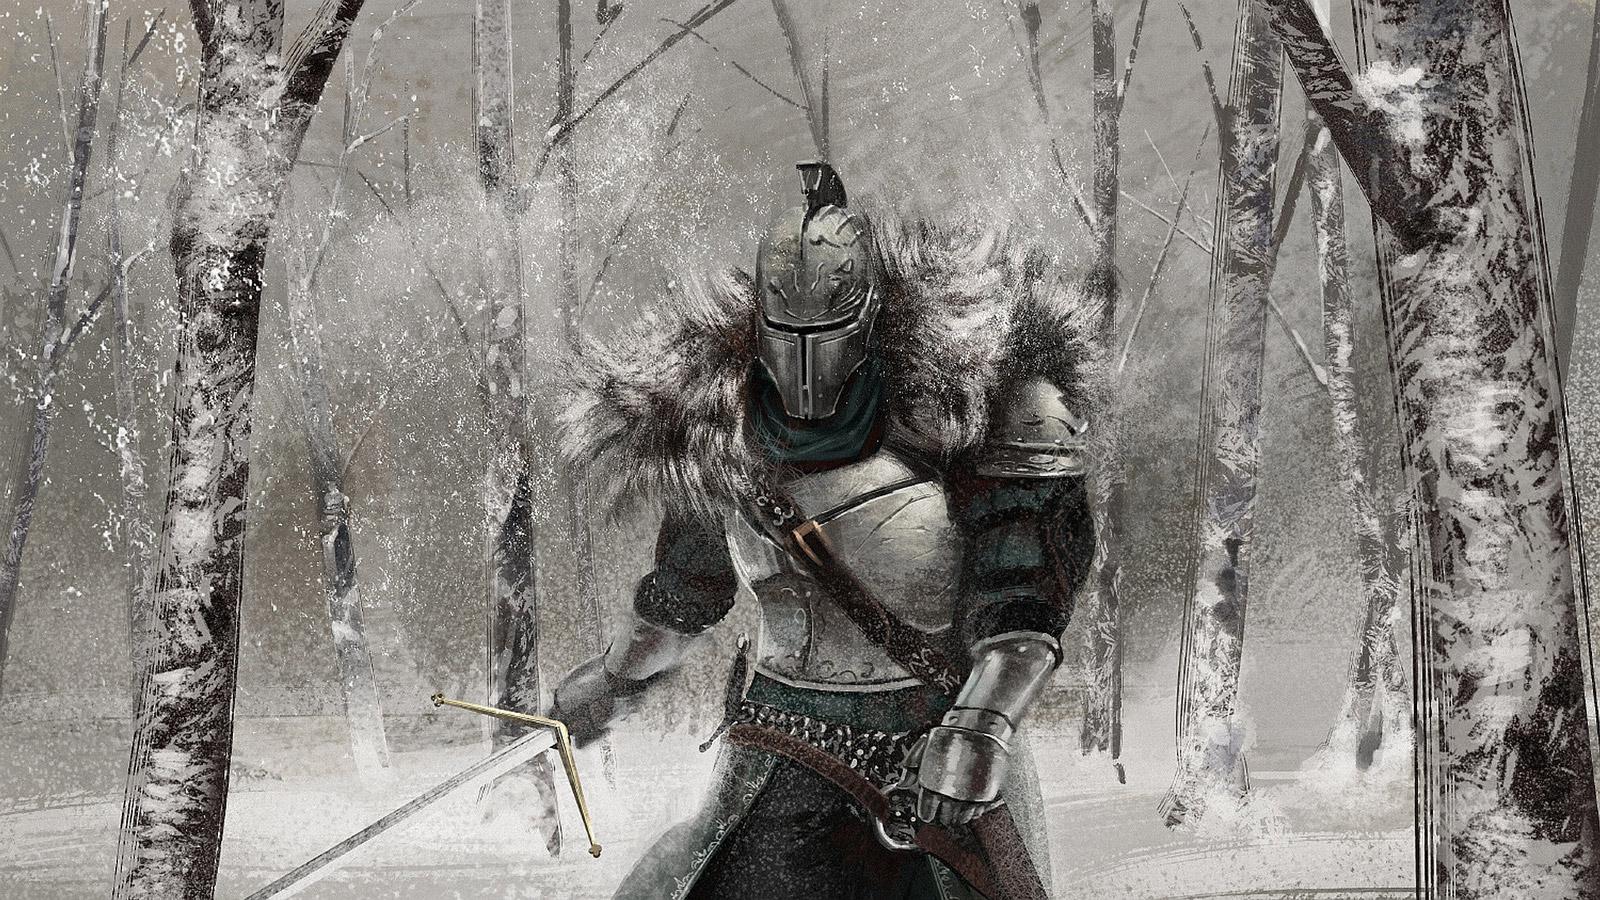 Dark Souls II Wallpaper in 1600x900